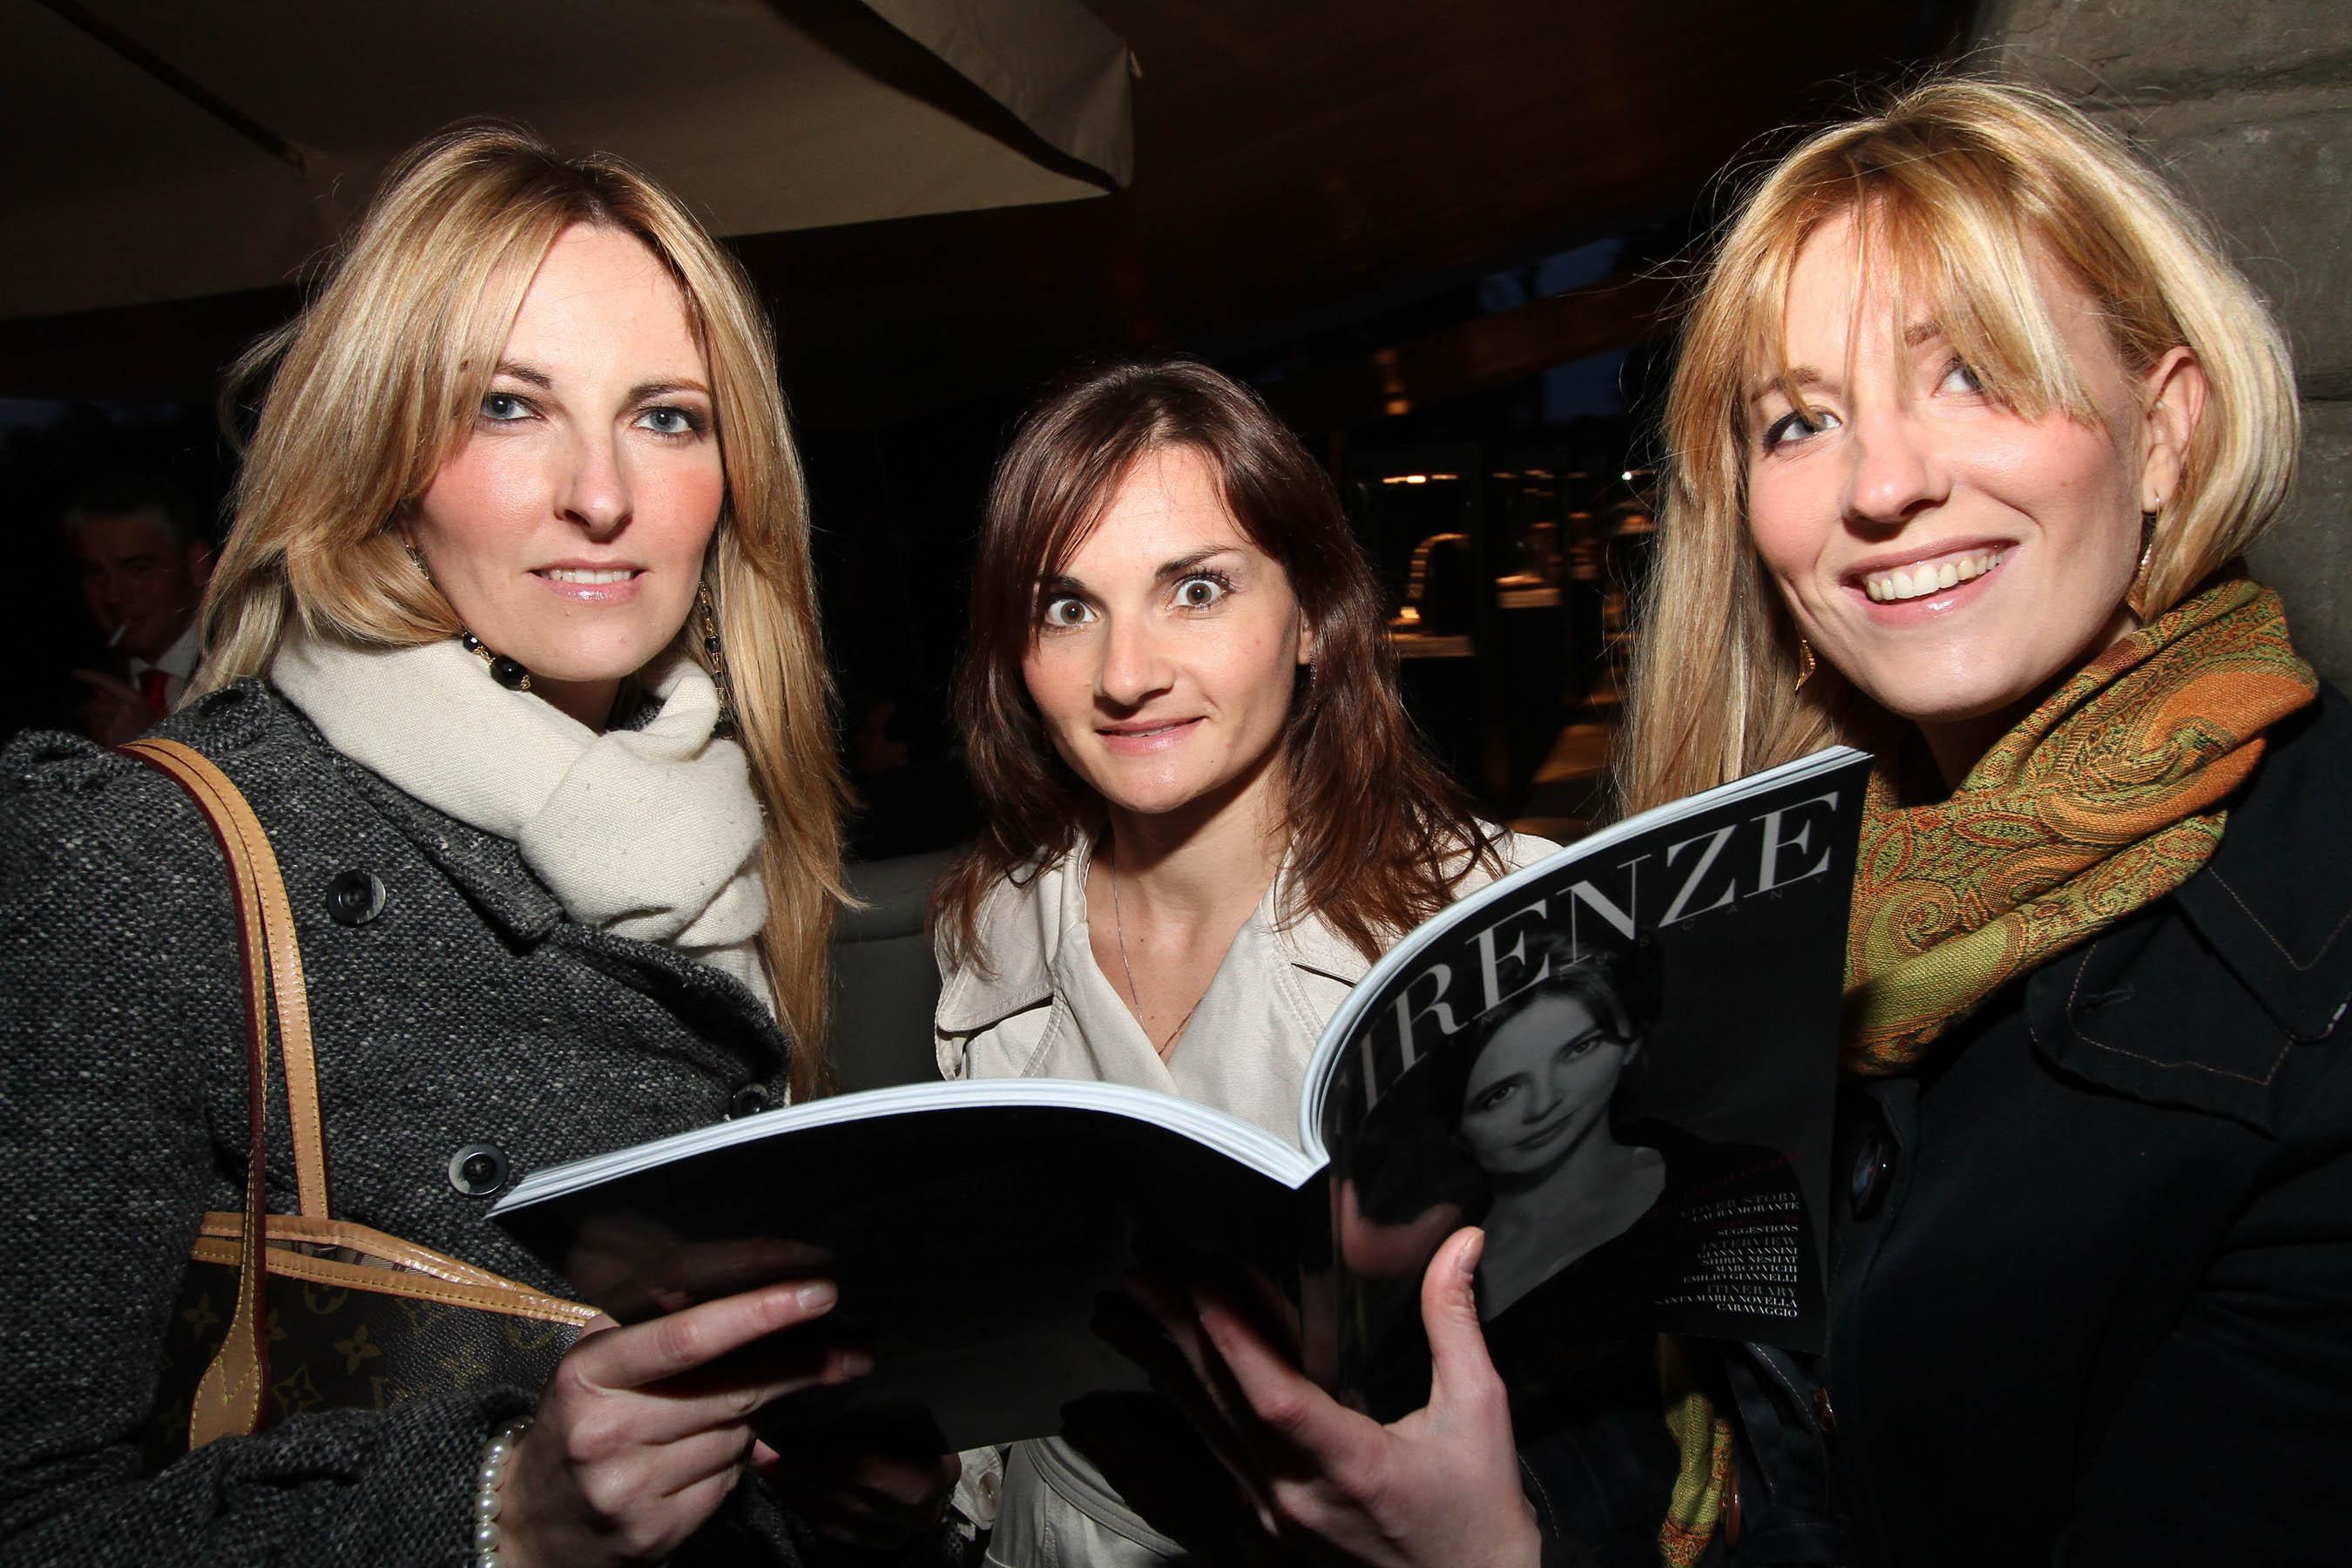 PRESSPHOTO Firenze, festa Firenze Magazine. Nella foto Elena e Ilaria Calamandrei con Karin Matscher